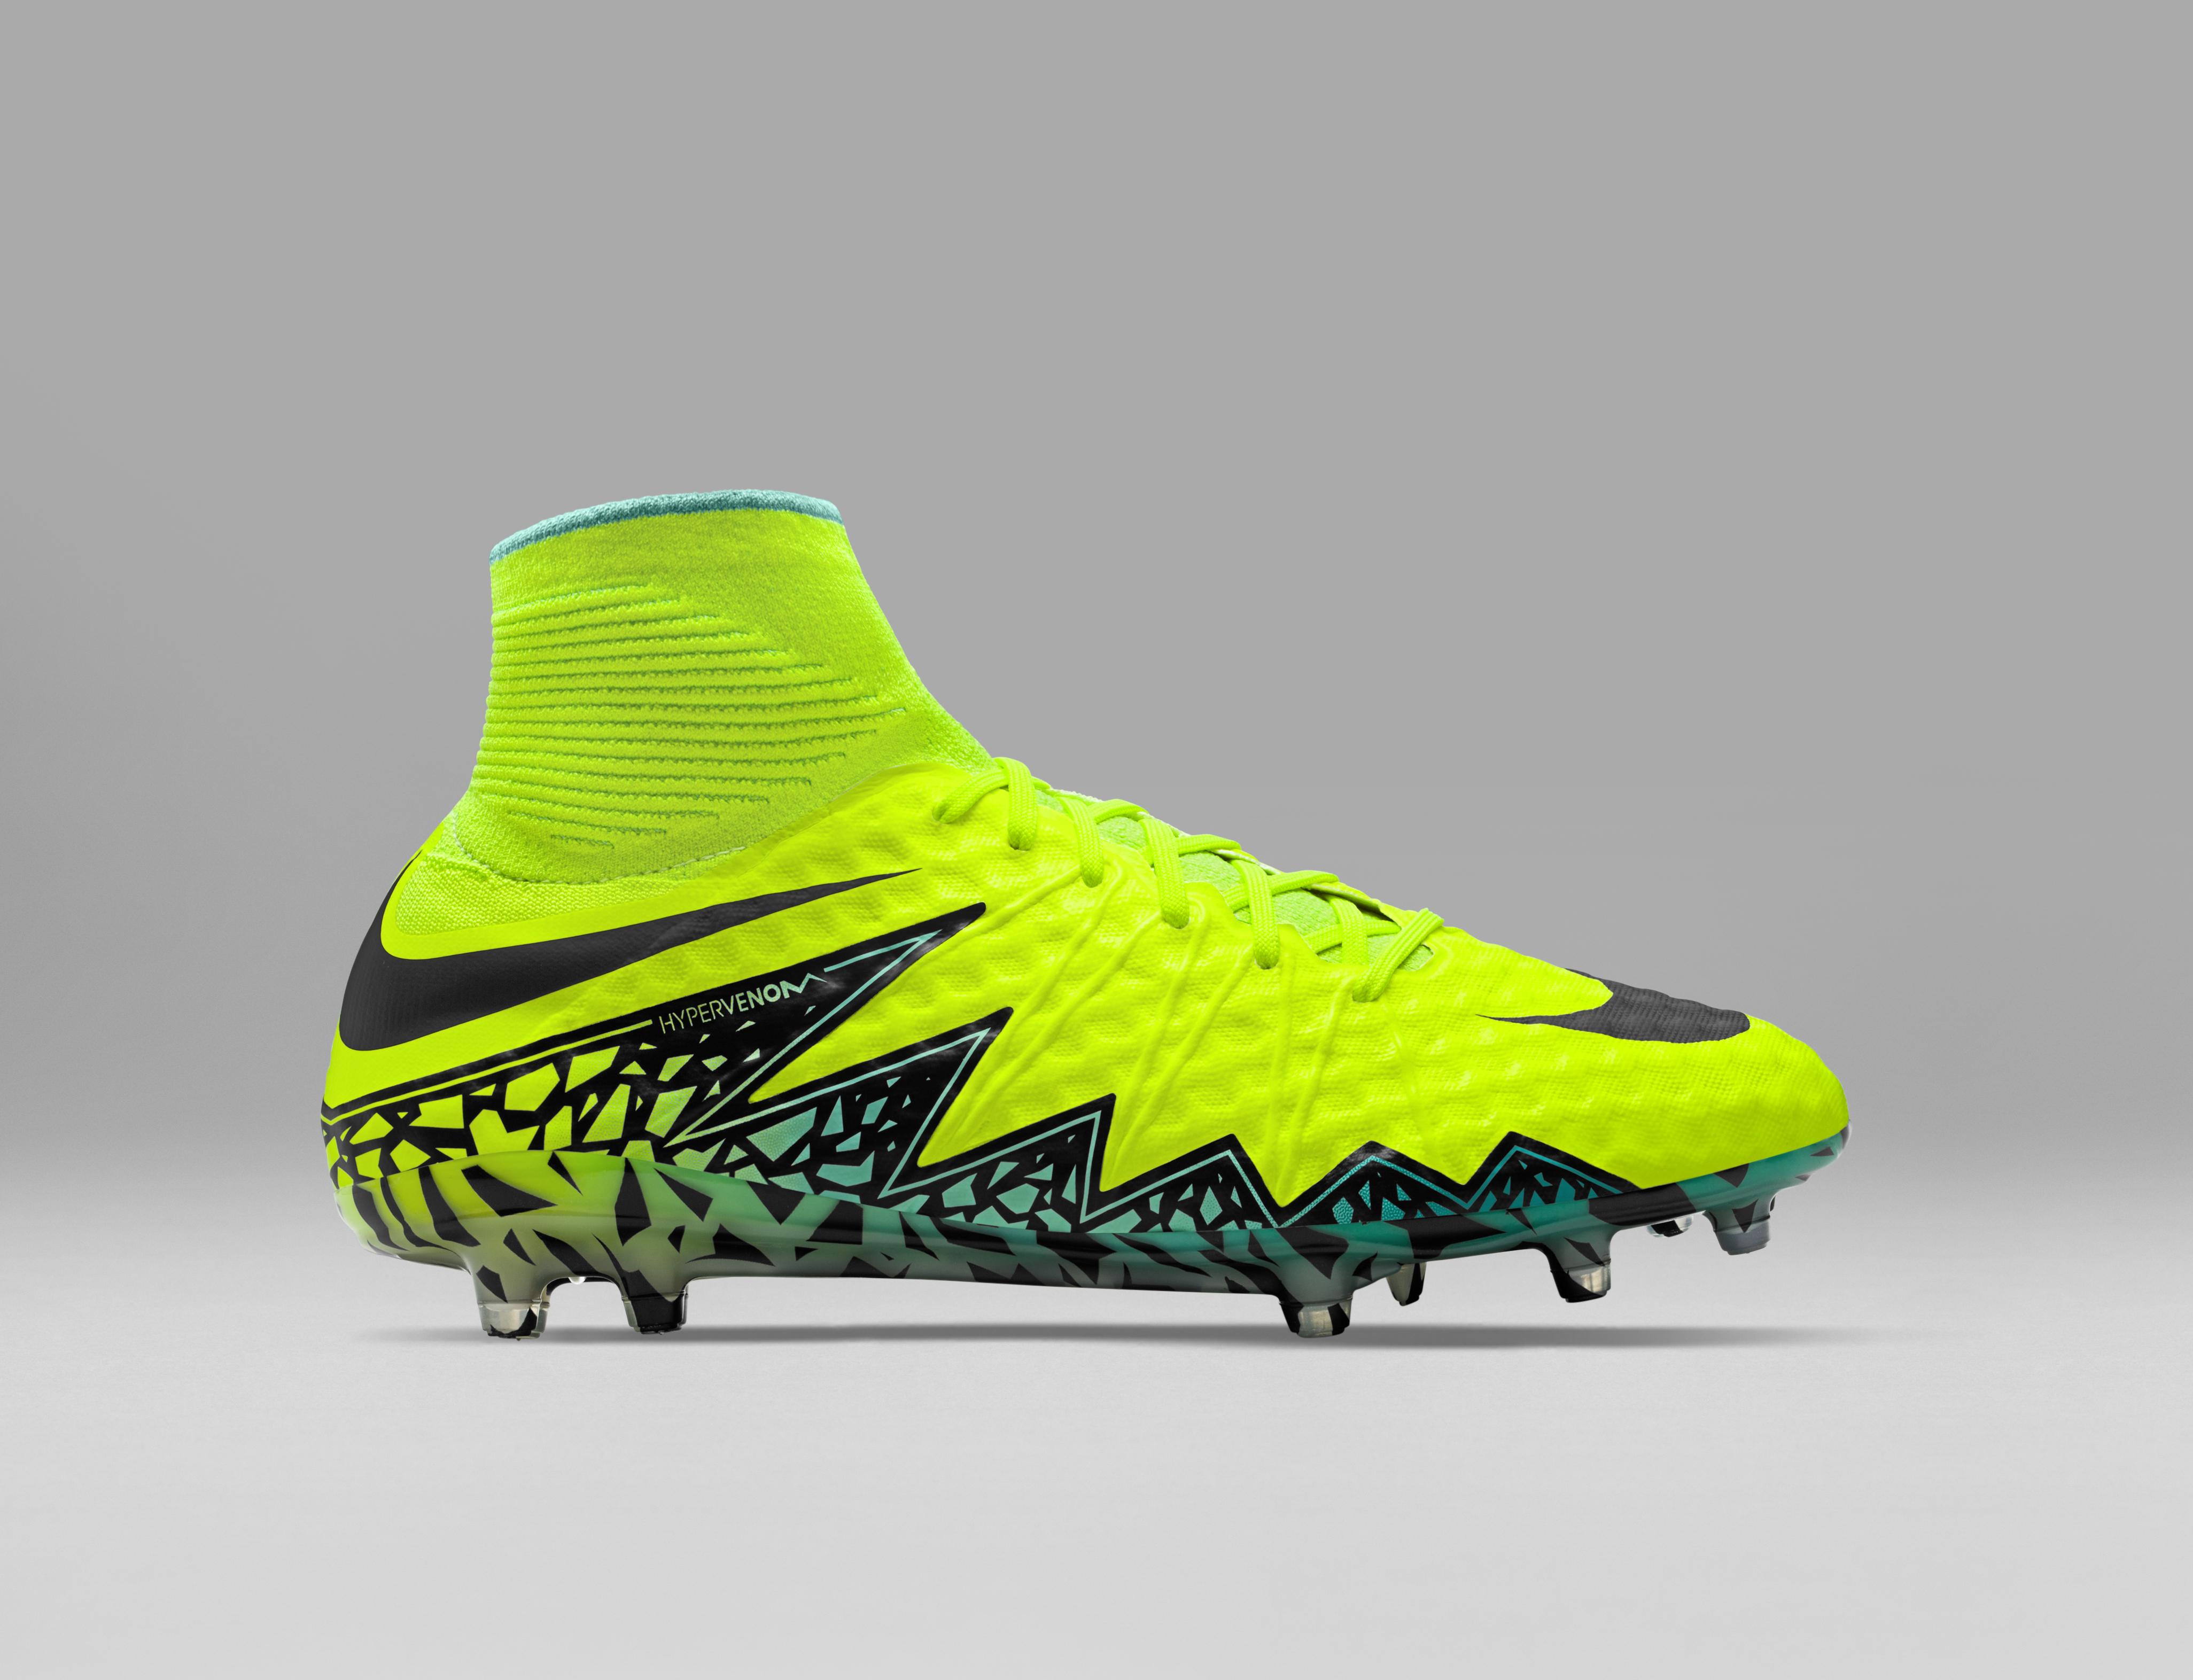 Scarpe da calcio Nike Spark Brillance Pack: la collezione